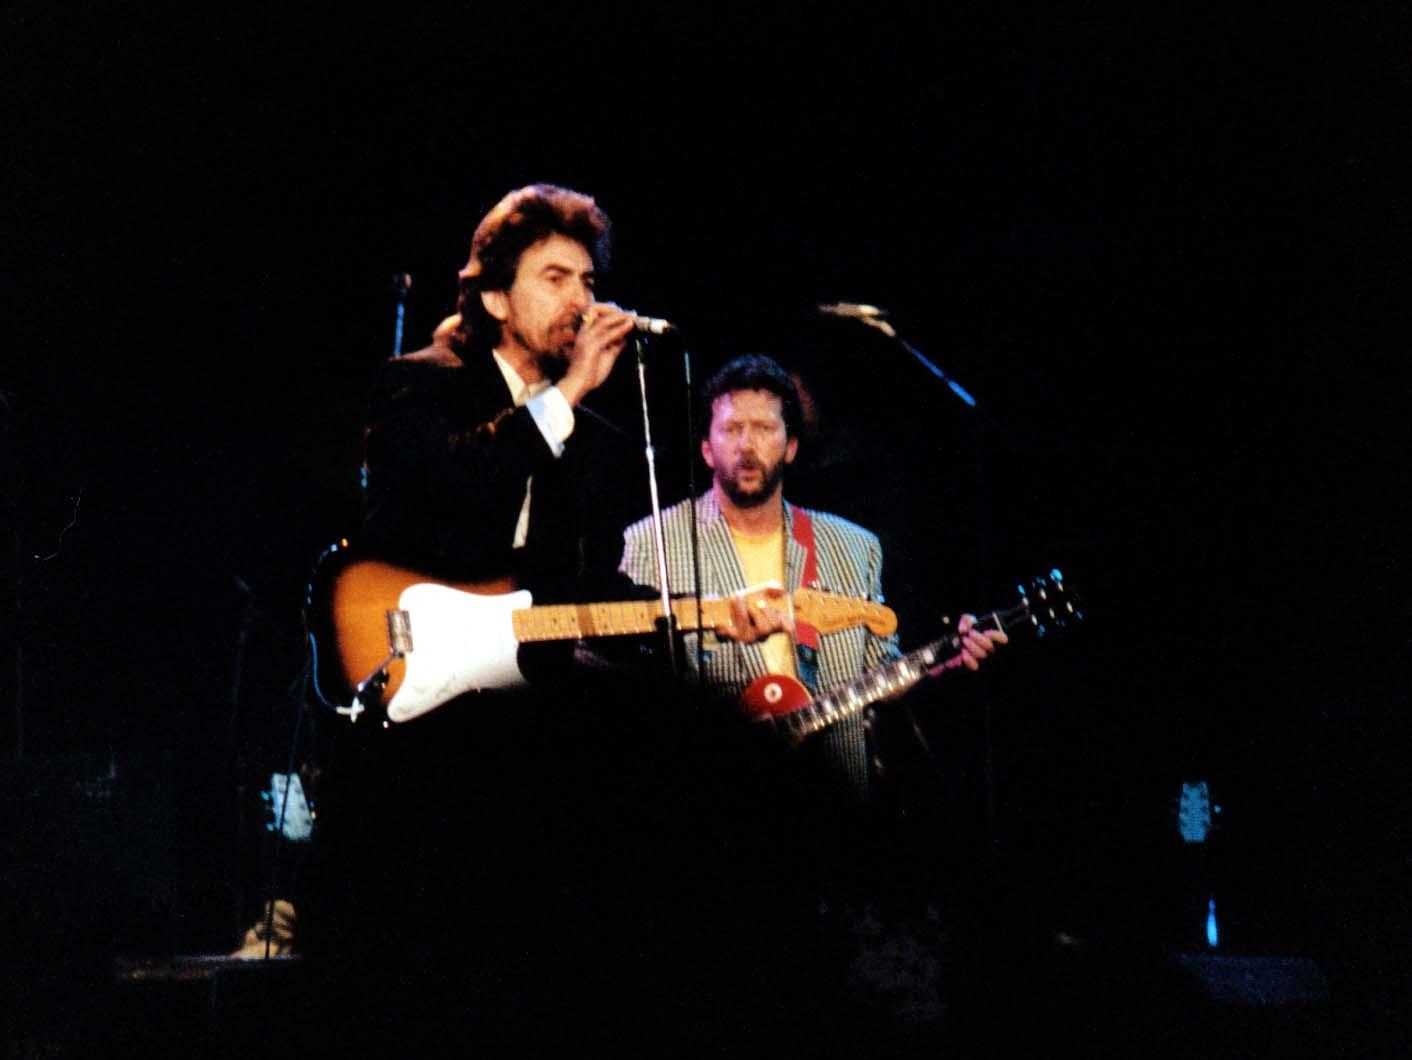 manfred mann concert dates Bad Kreuznach